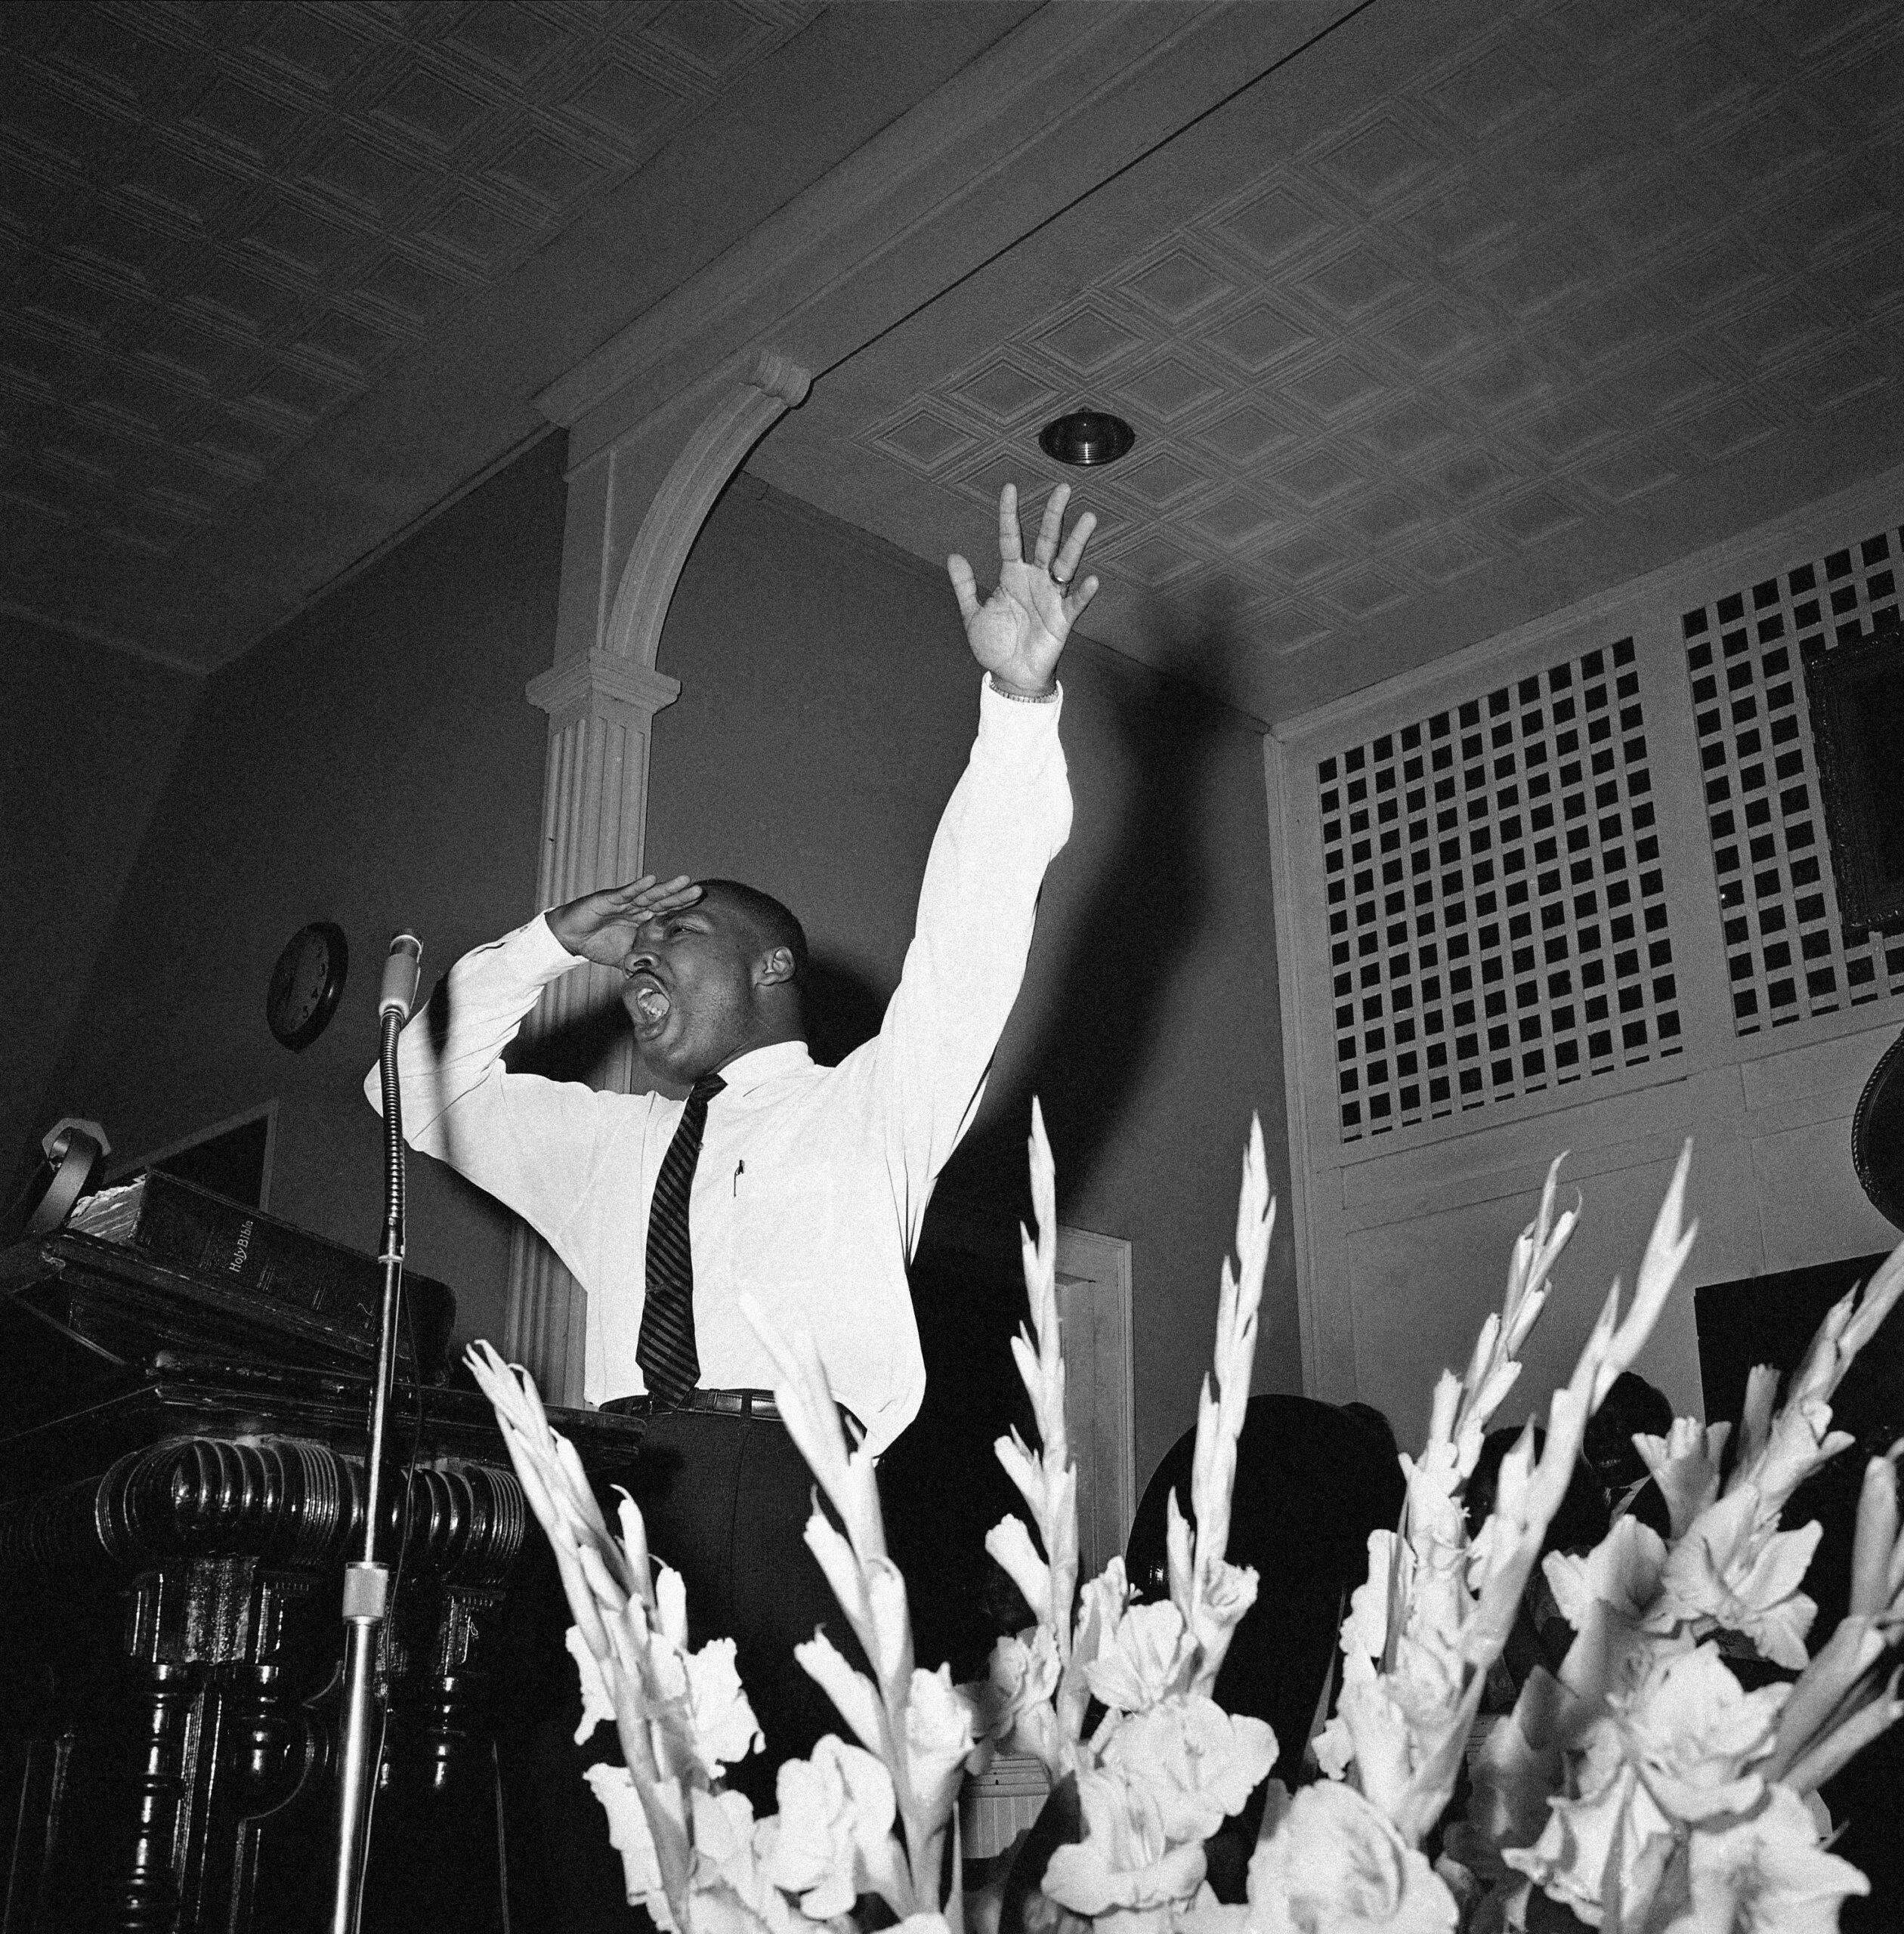 মঞ্চে কথা বলার সময় নাটকীয় ভঙ্গি করছেন মার্টিন লুথার কিং (© এপি ইমেজেস)